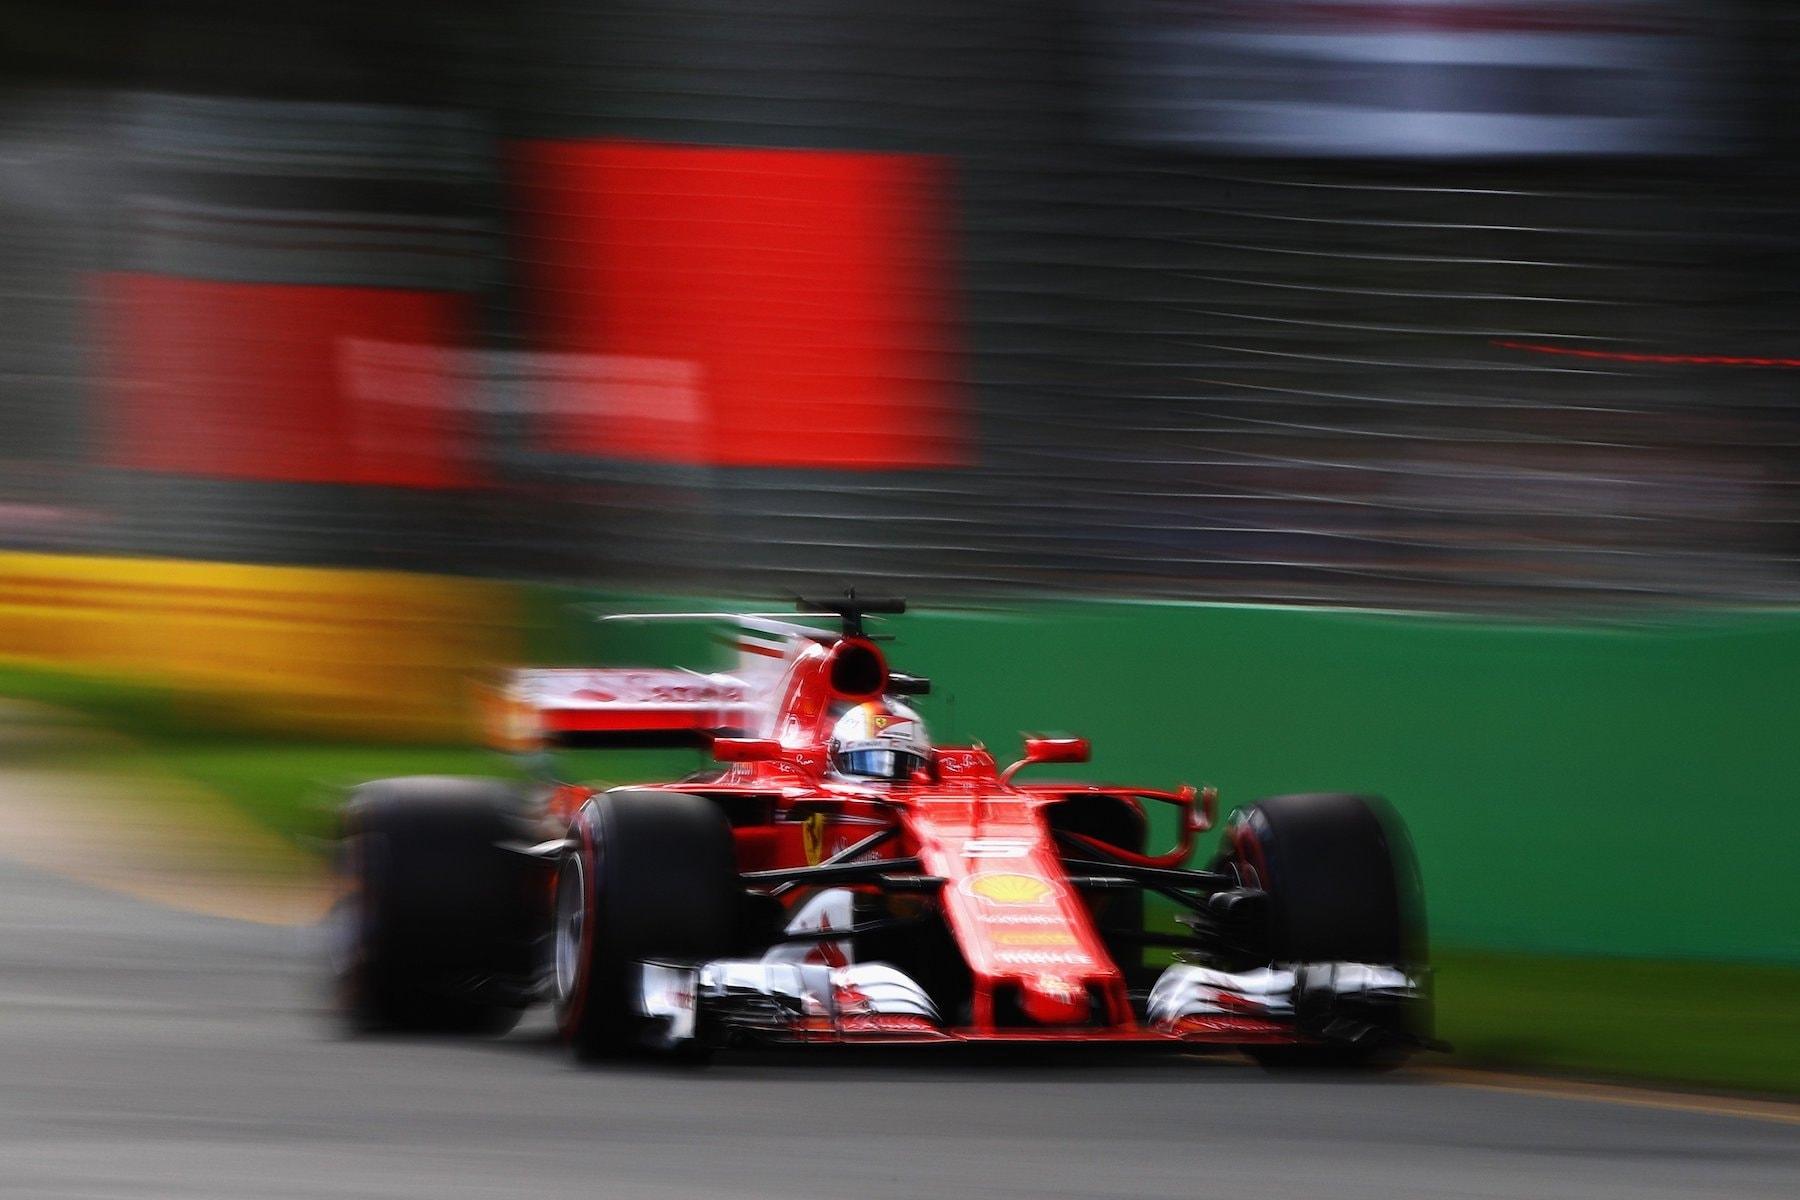 Salracing | Scuderia Ferrari